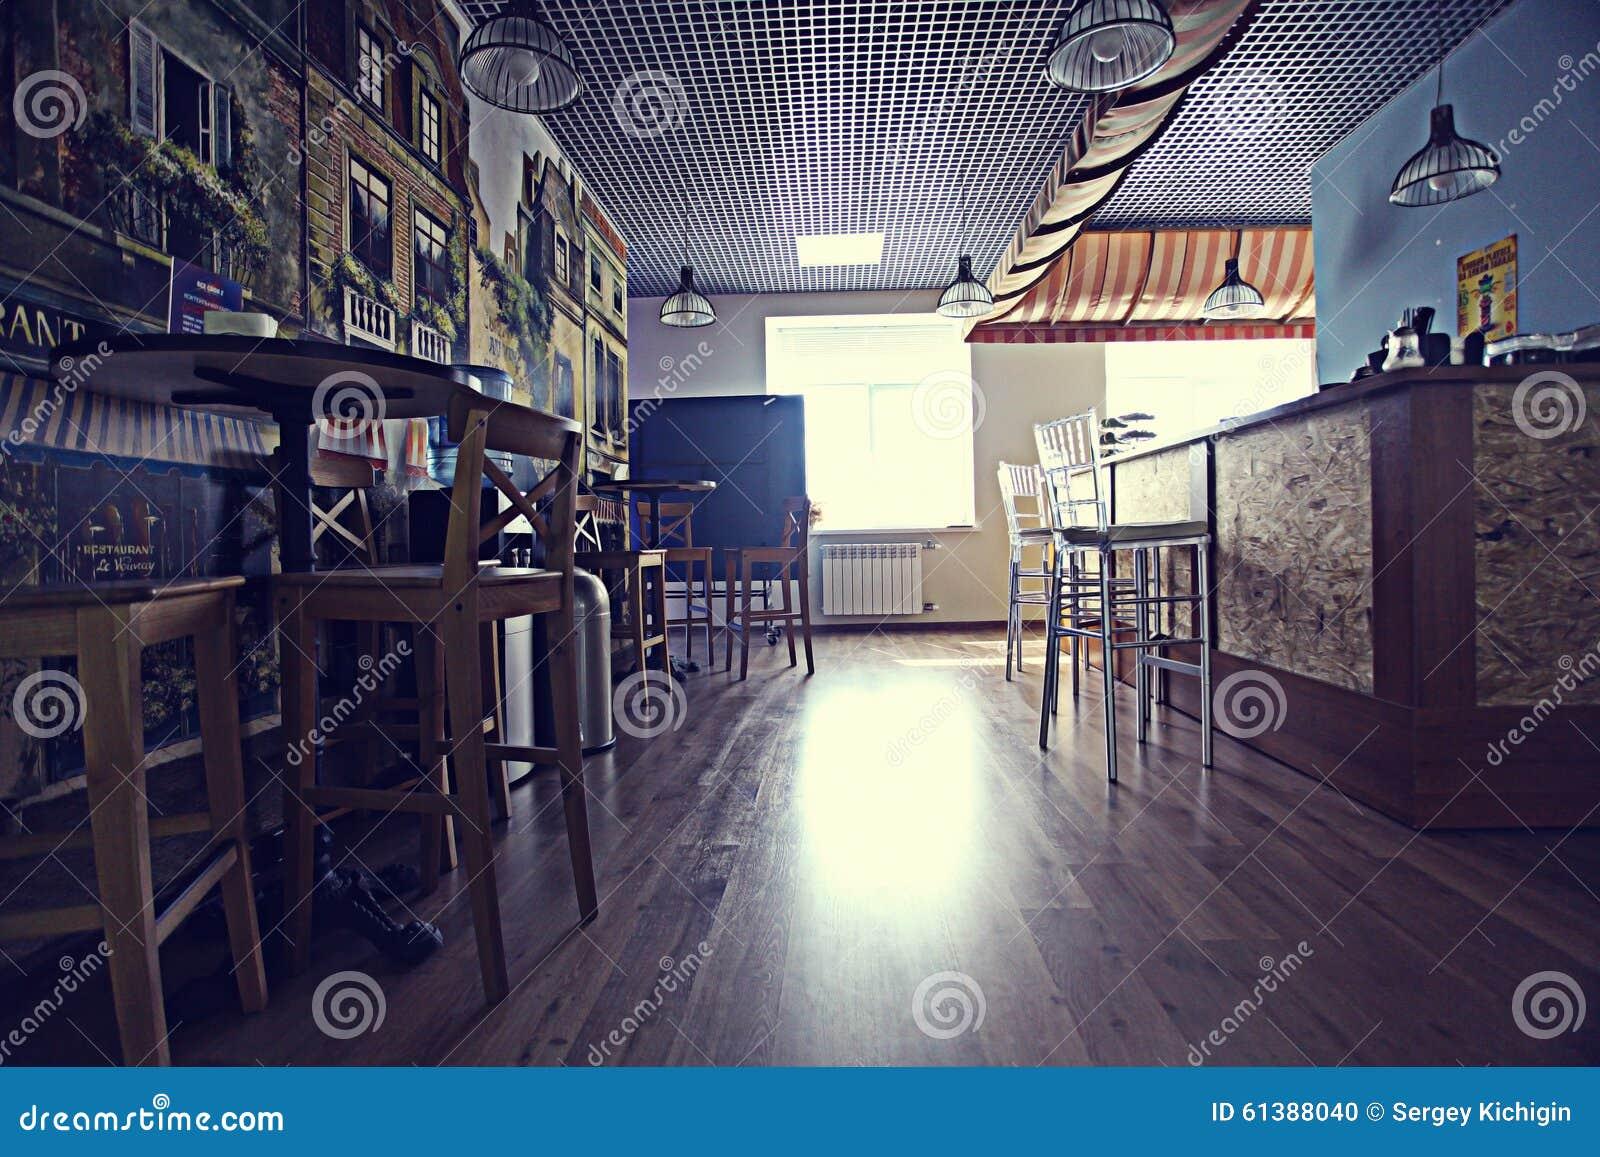 Cozy restaurant interior stock photo image